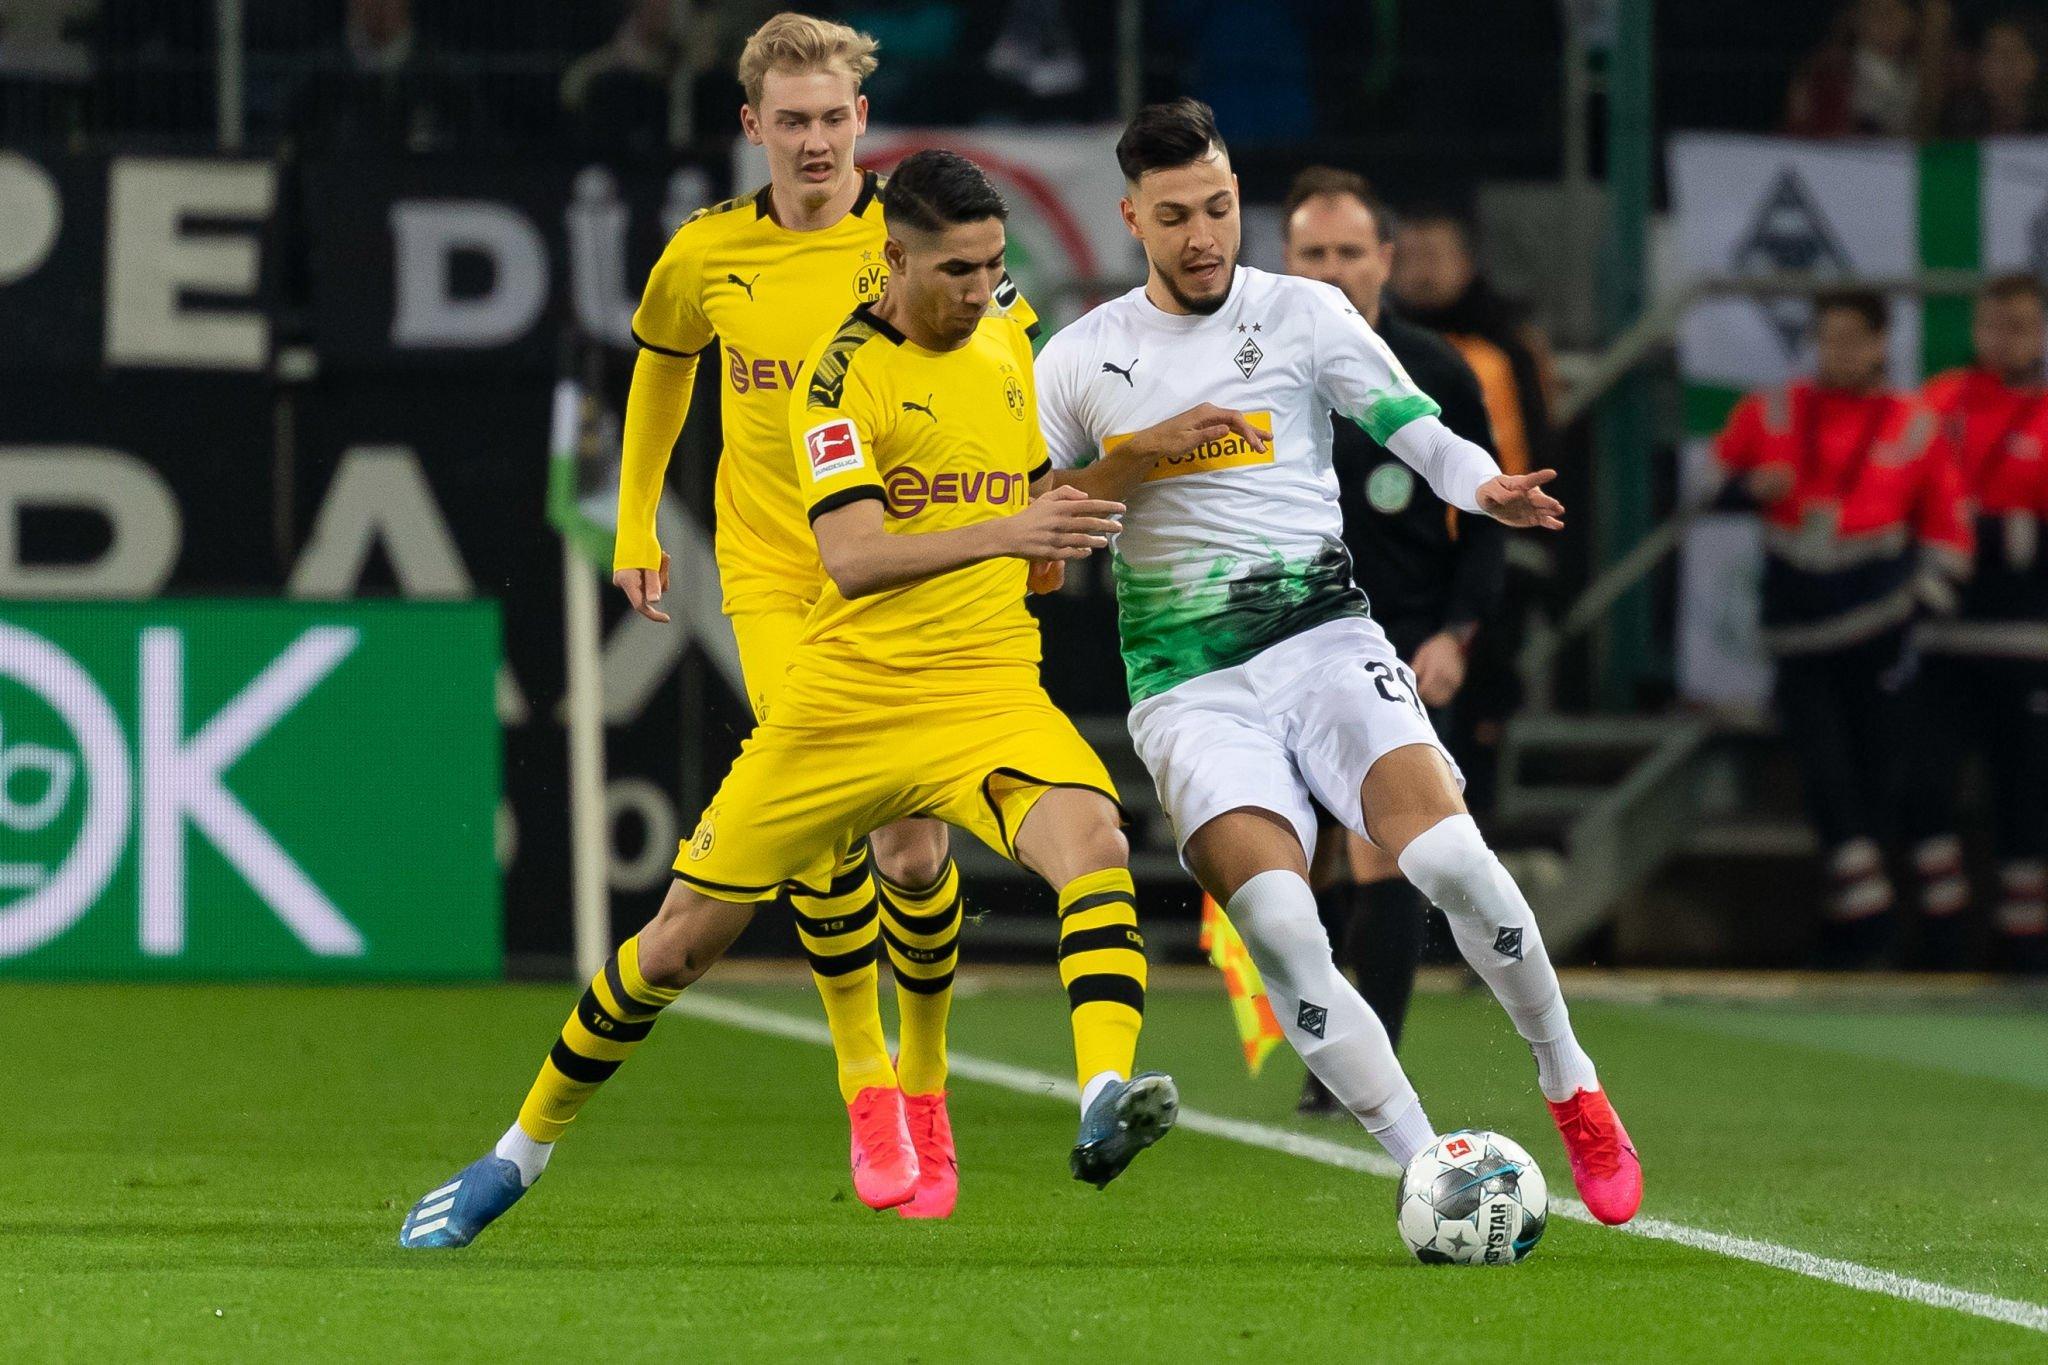 فيروس كورونا : إيقاف الدوري الألماني لكرة القدم 29